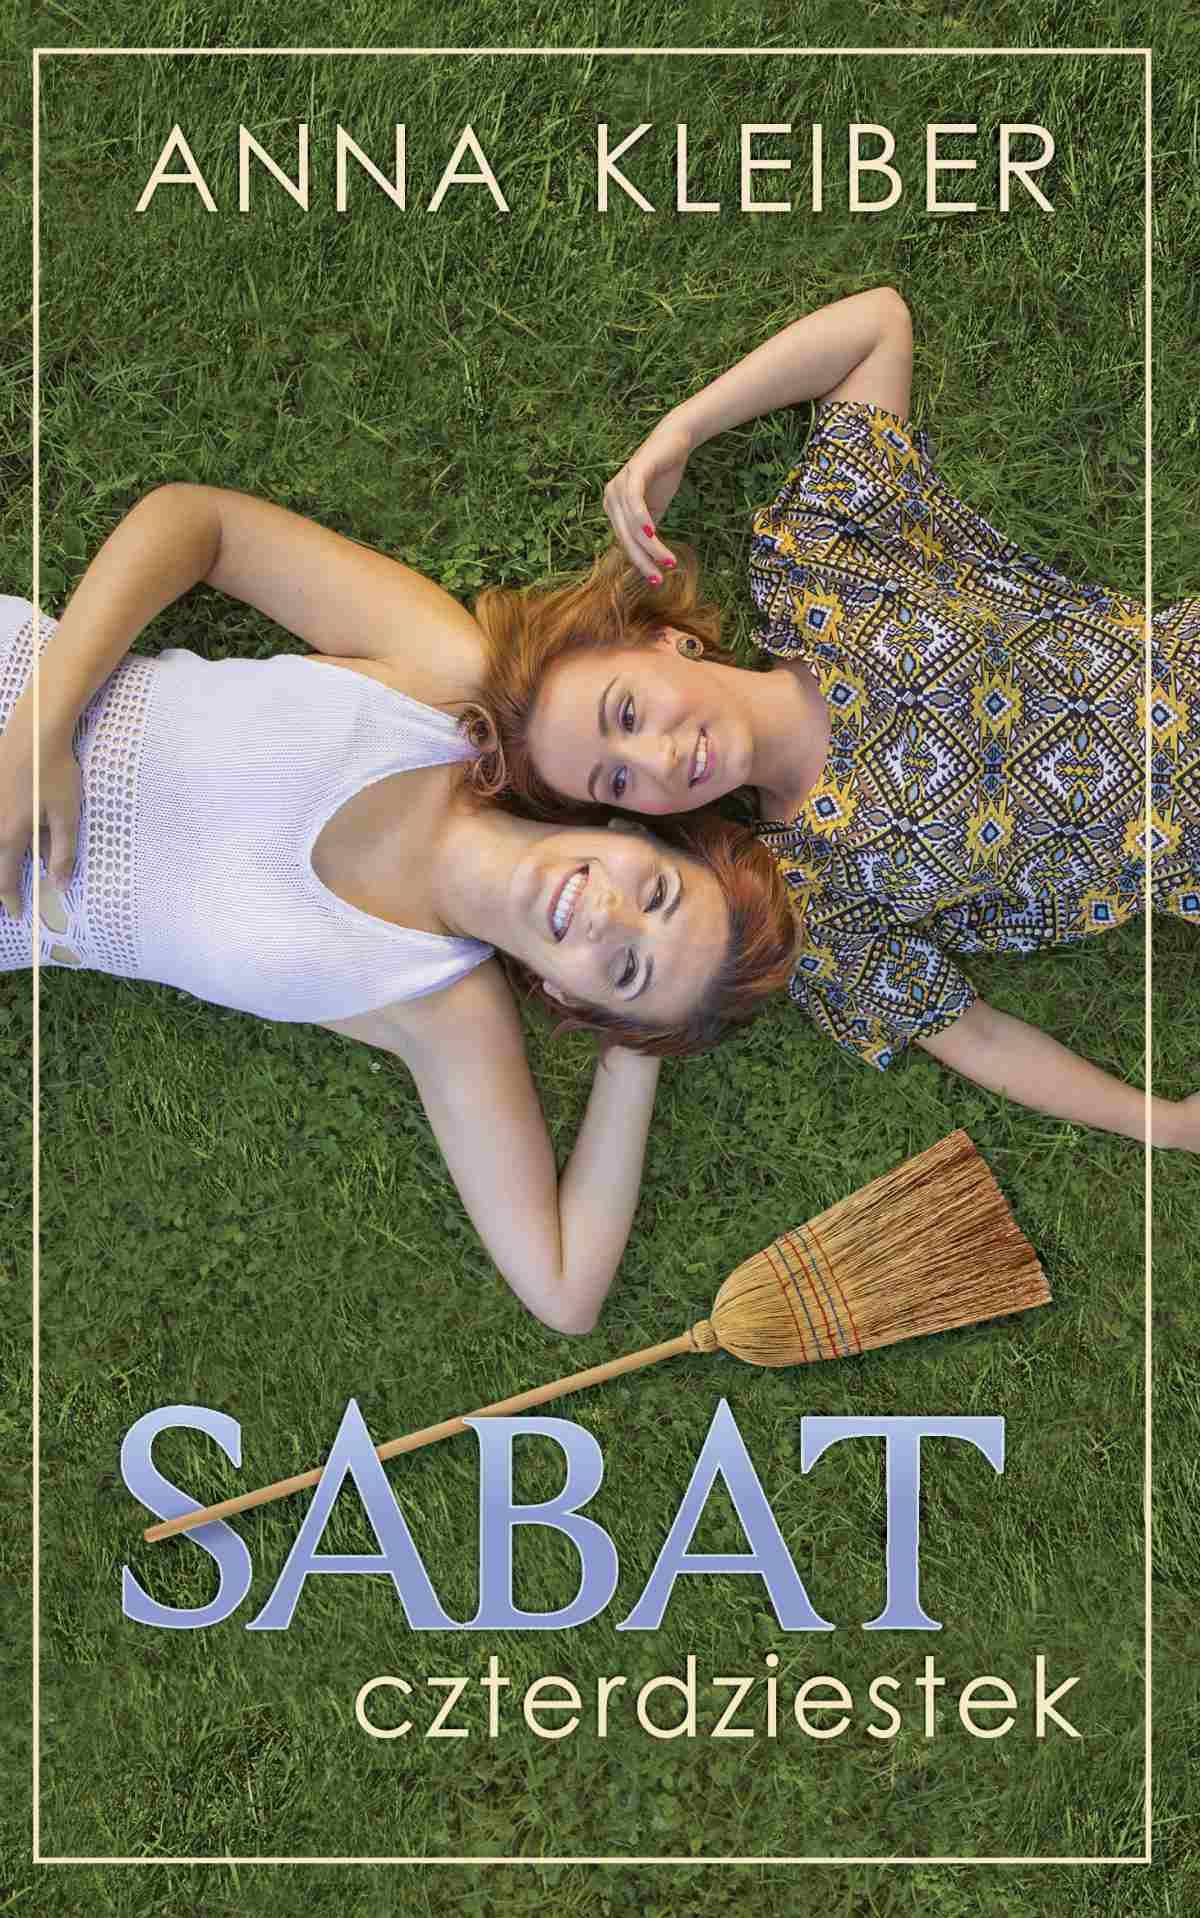 Sabat czterdziestek - Ebook (Książka EPUB) do pobrania w formacie EPUB